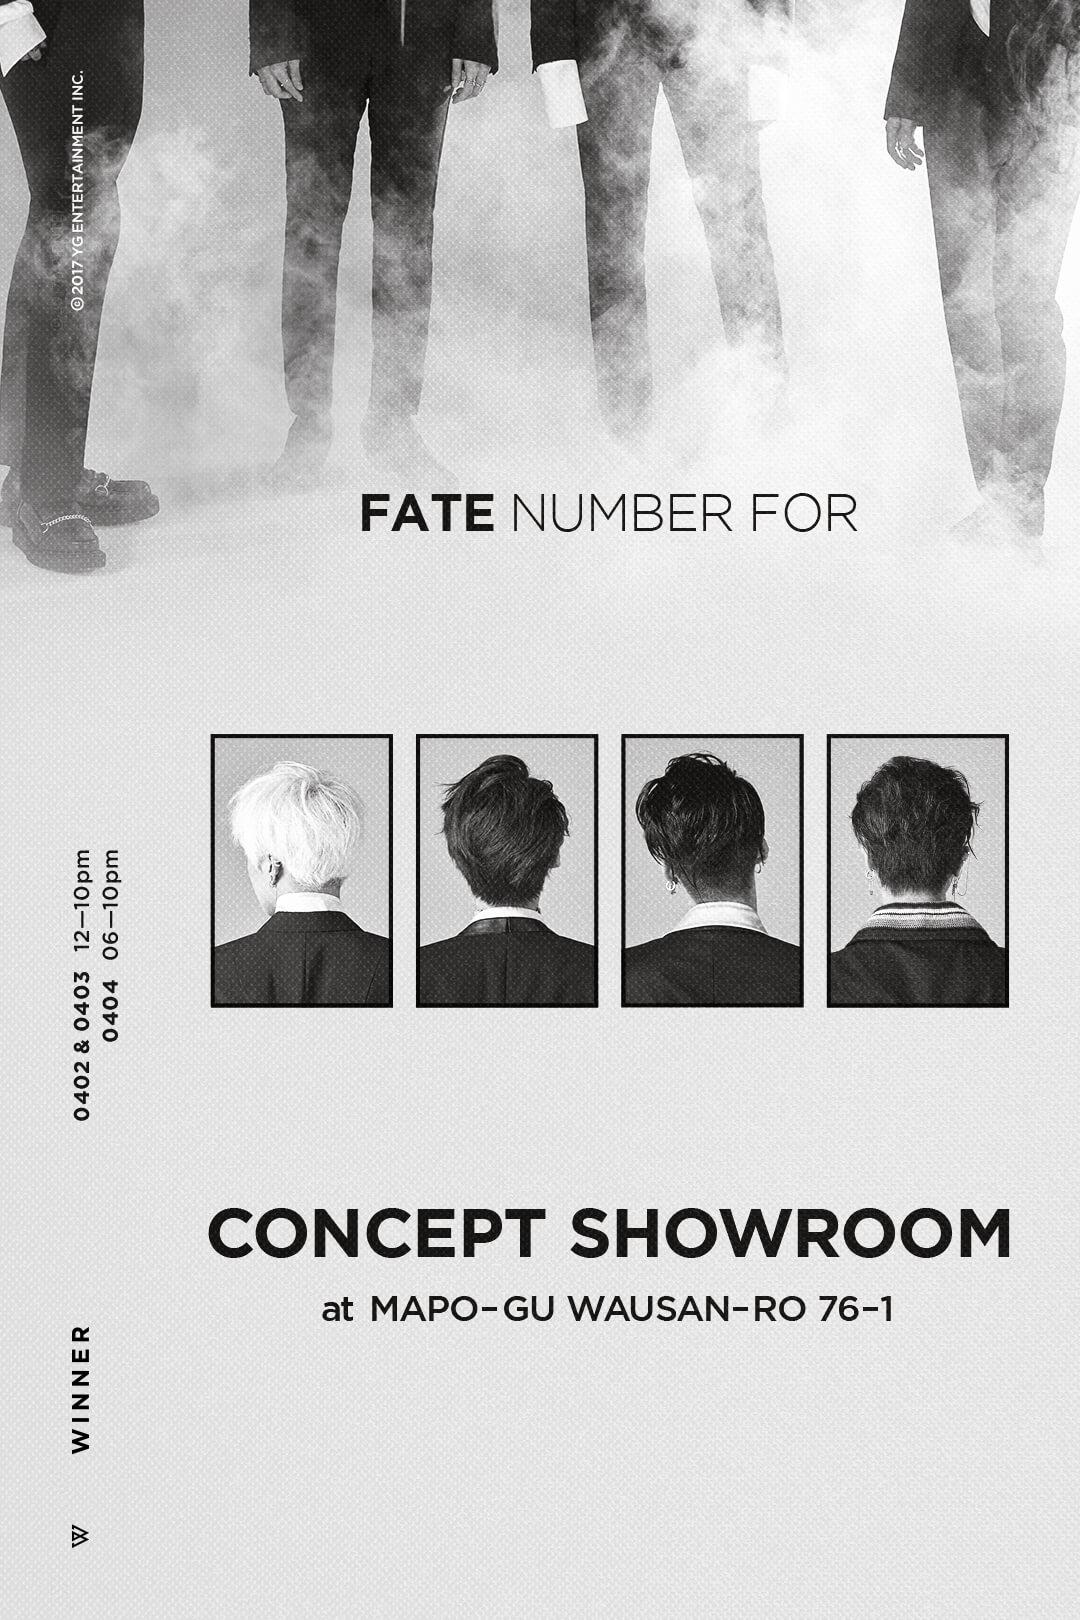 Concept Showroom